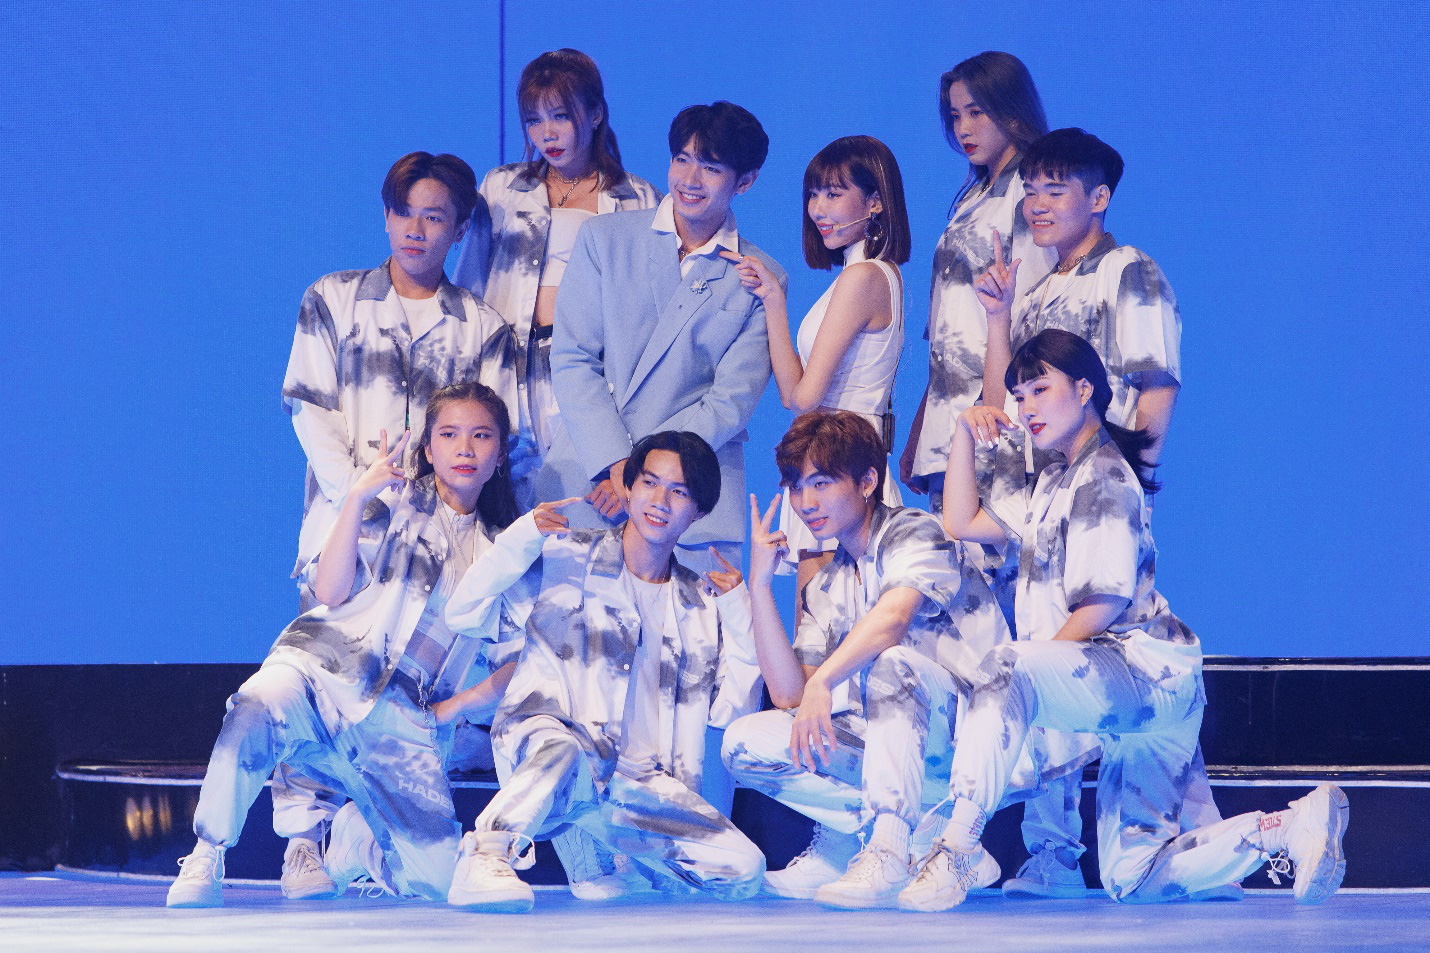 Binz, Hoàng Thùy Linh, Min cùng dàn thí sinh Rap Việt góp mặt trong đêm nhạc thực tế lần đầu xuất hiện tại Việt Nam - Ảnh 4.